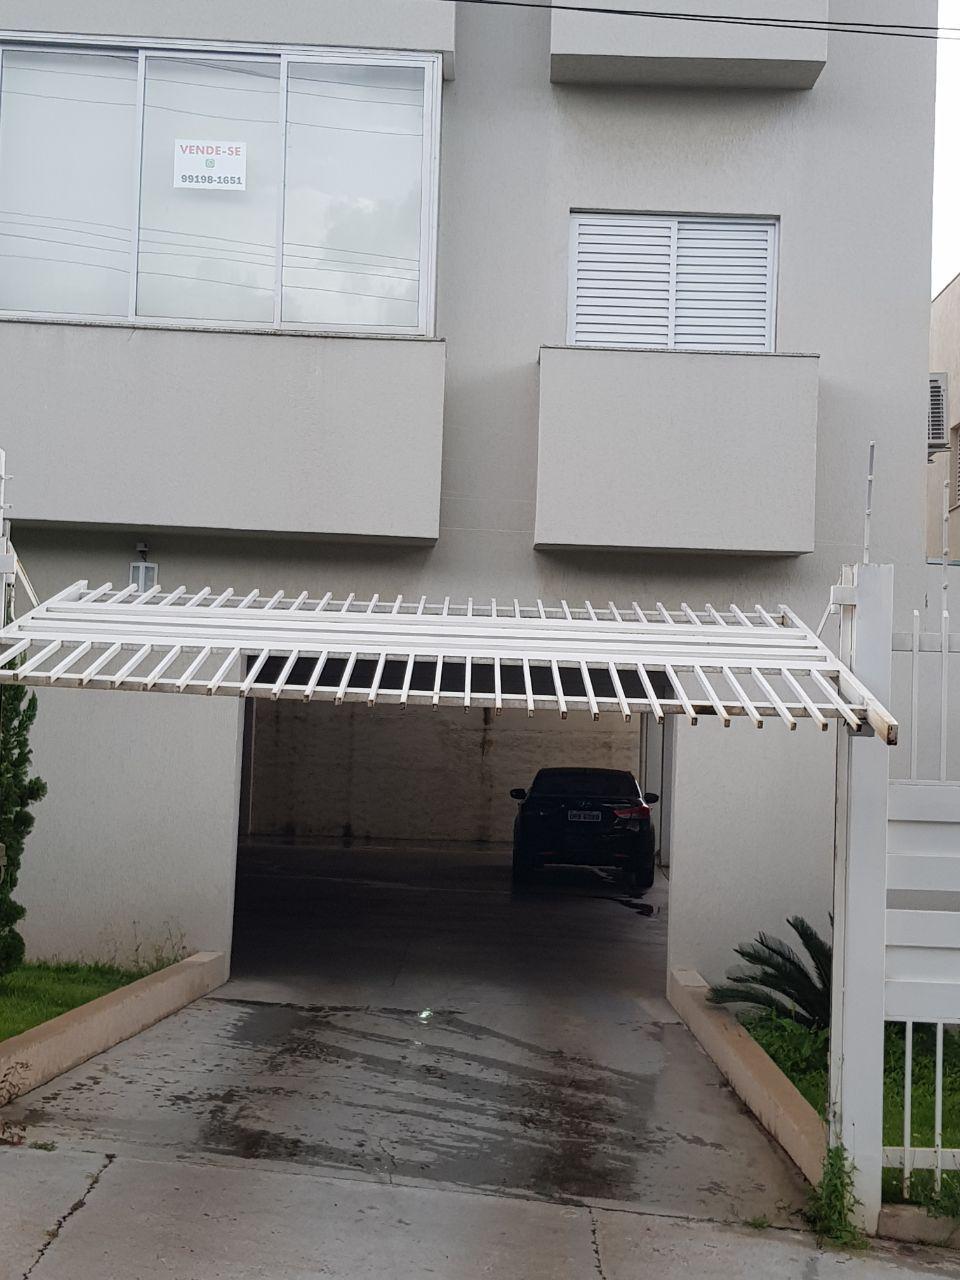 408 - Apto Jardim Botânico 80 m²